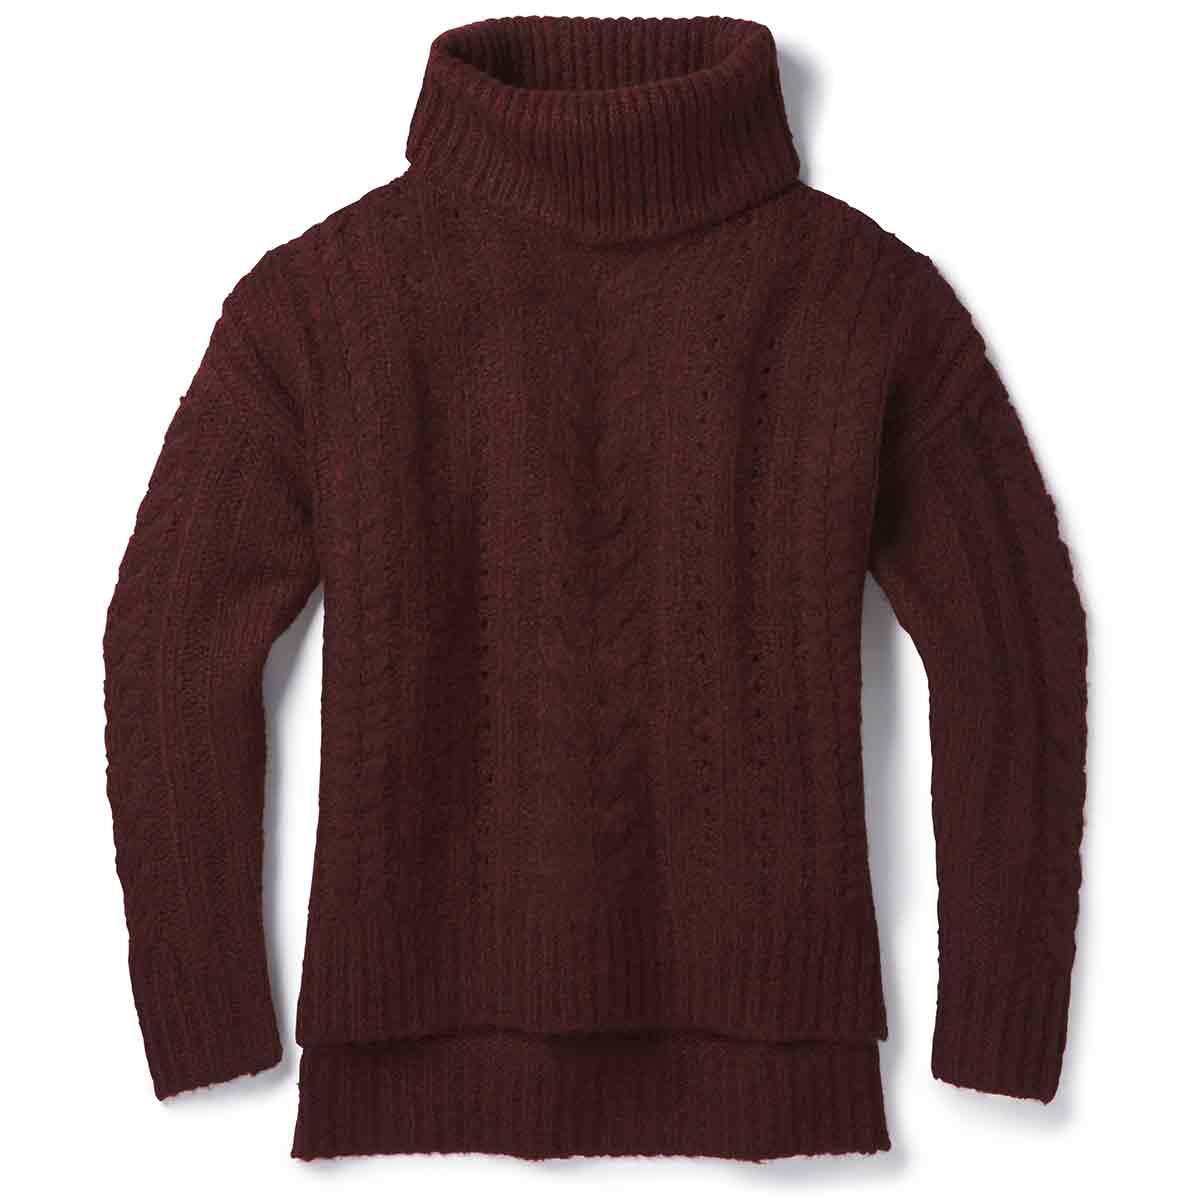 Smartwool Women's Moon Ridge Boyfriend Sweater - Purple, XL